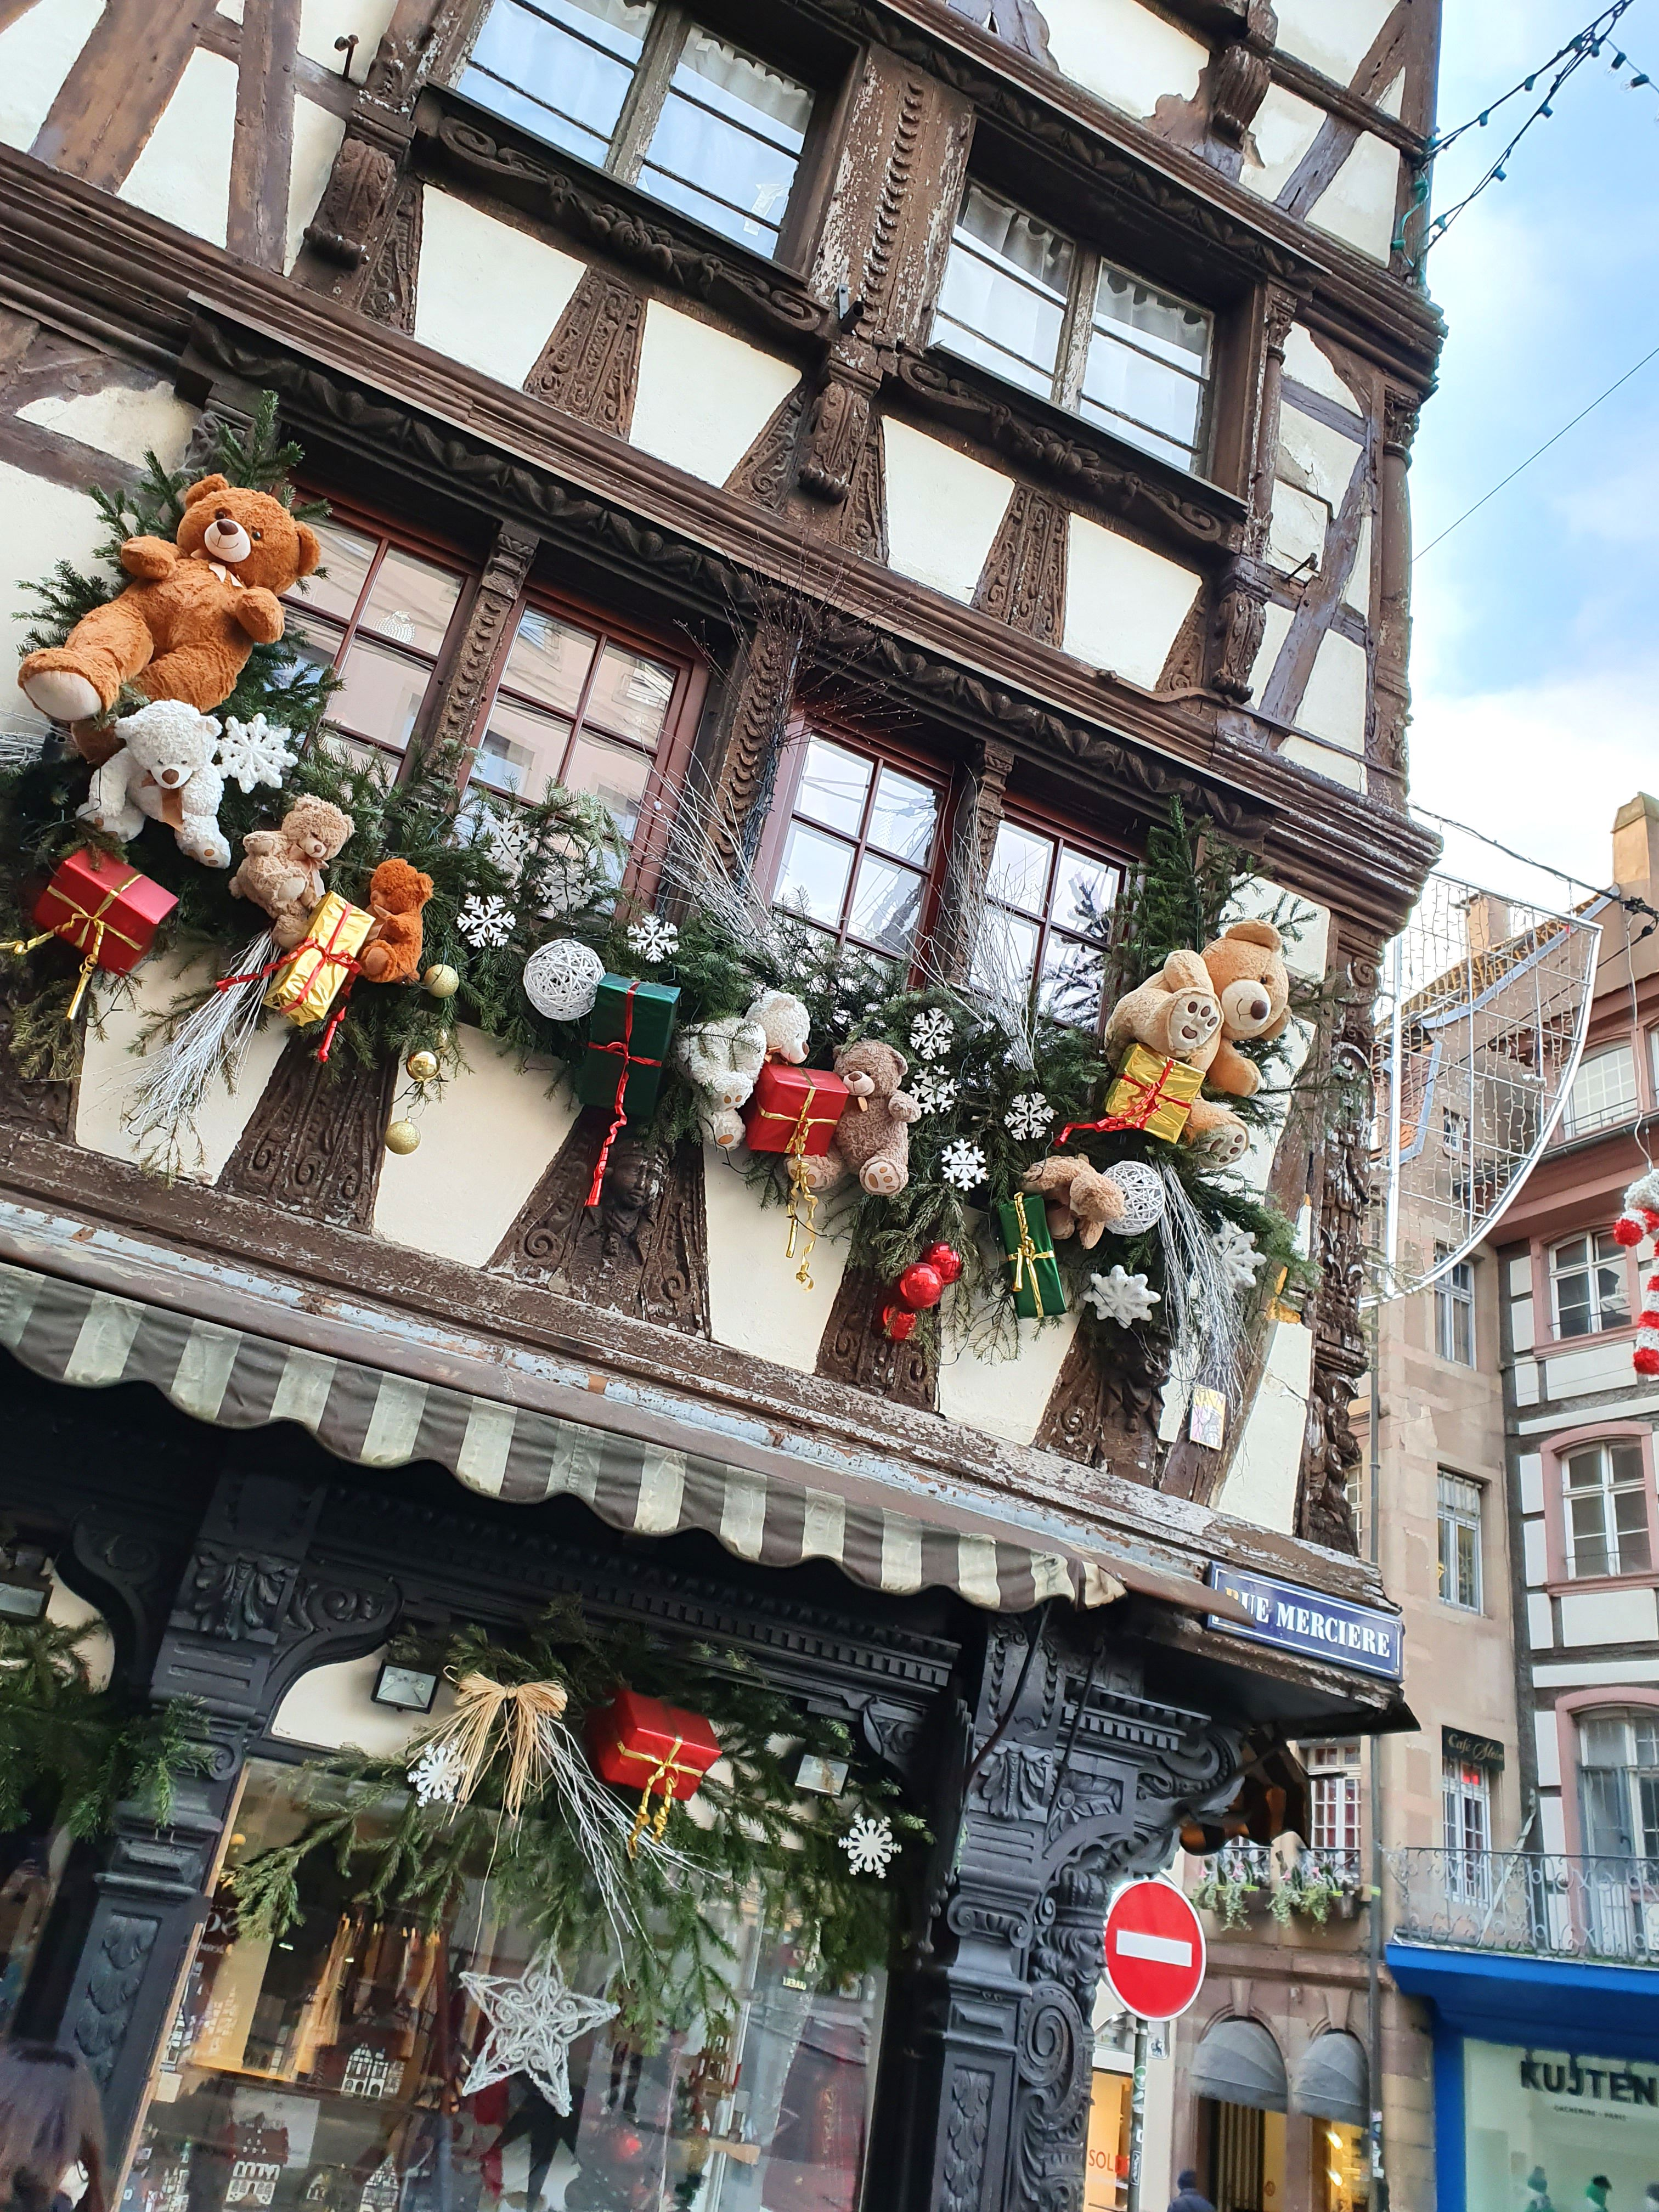 Strasbourg En 2020 Illuminations De Noël Ambiance Noël Paysage Noel